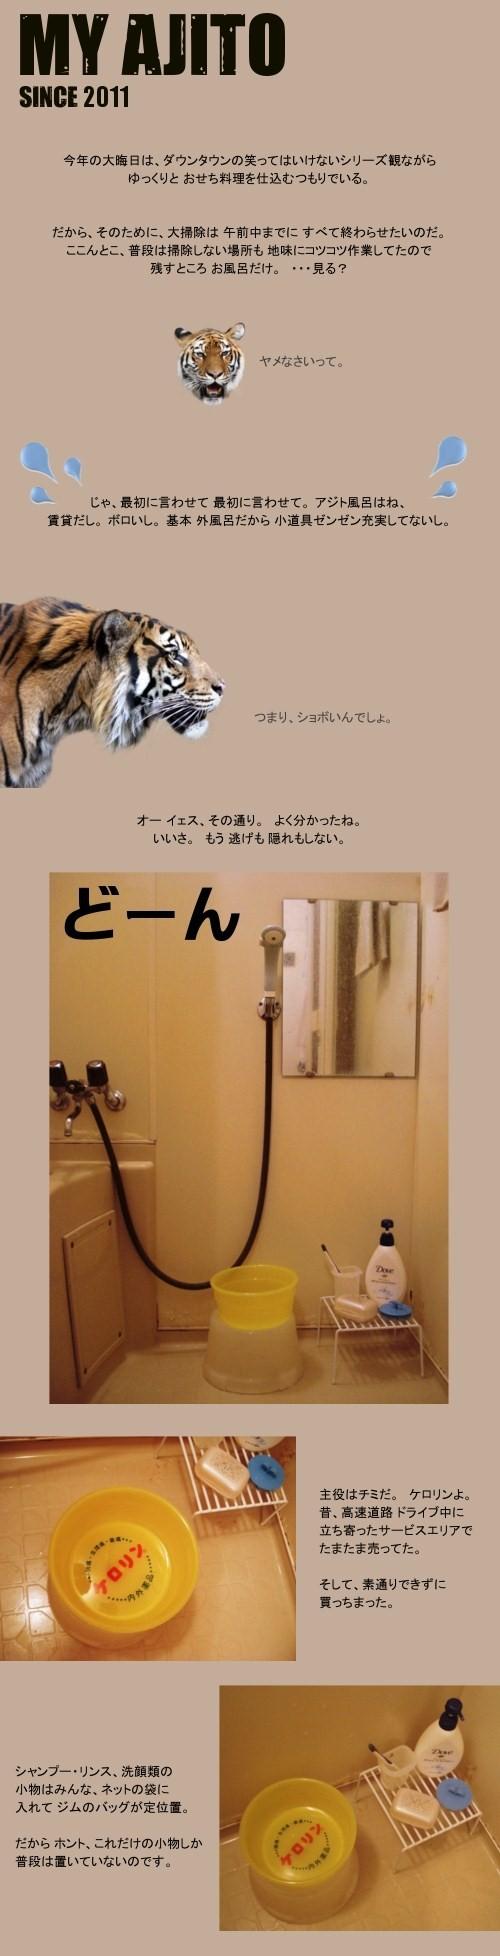 ohuro1.jpg